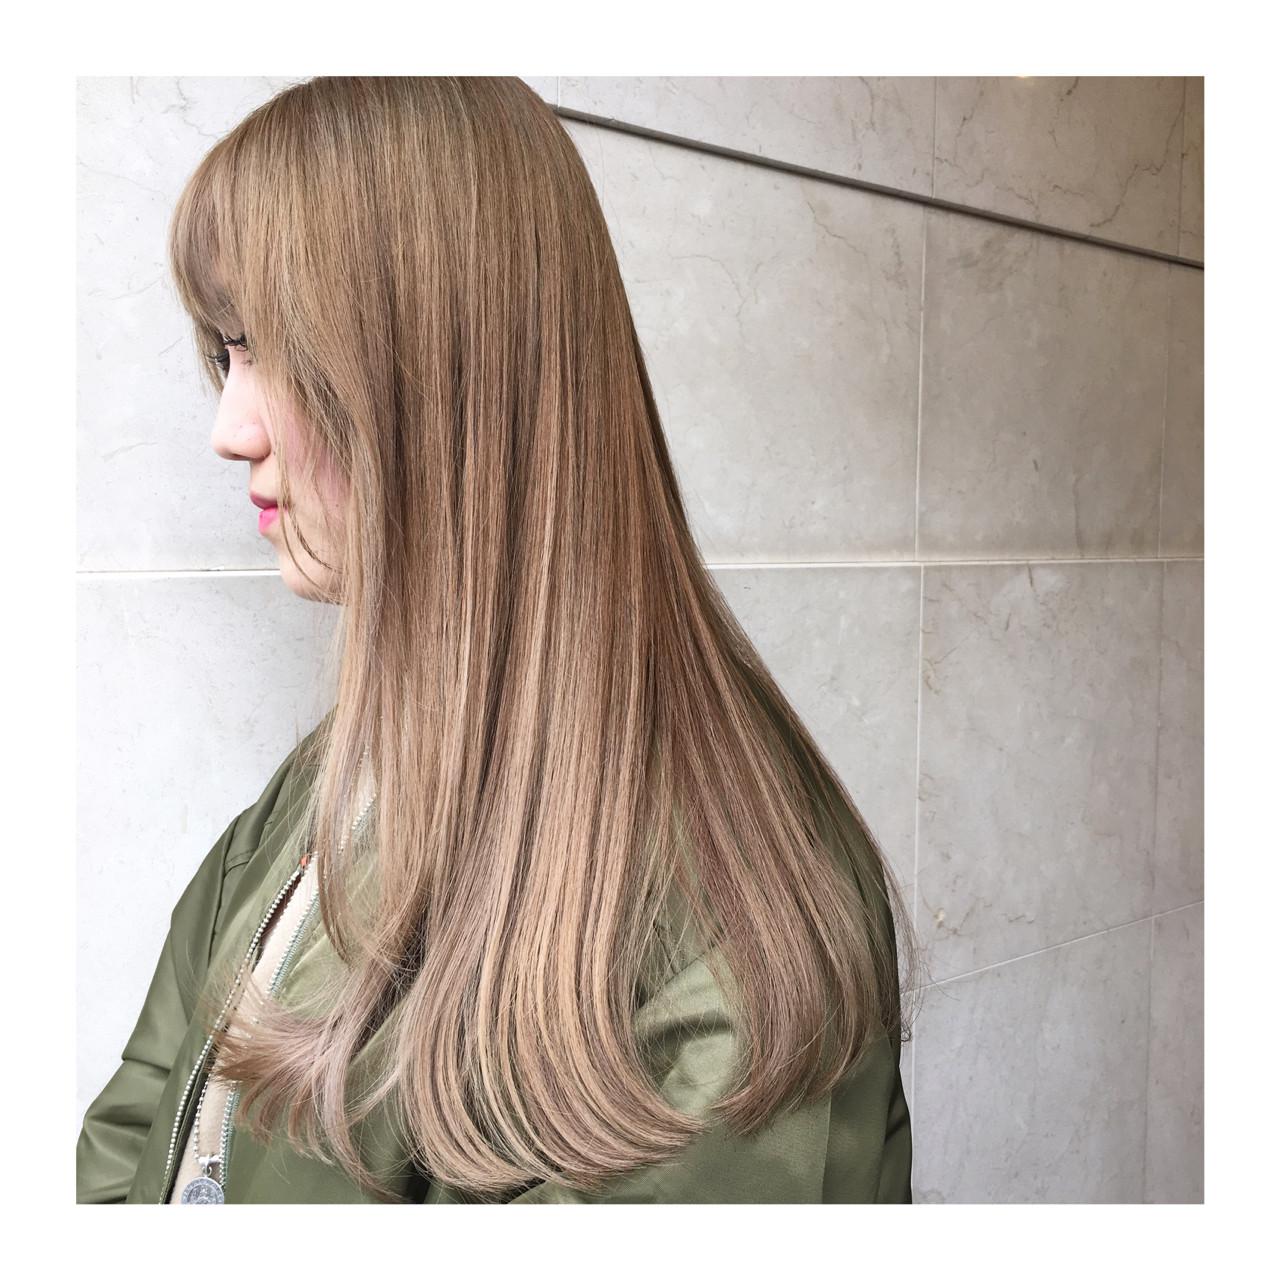 グラデーションカラー ハイライト 外国人風 ストリート ヘアスタイルや髪型の写真・画像